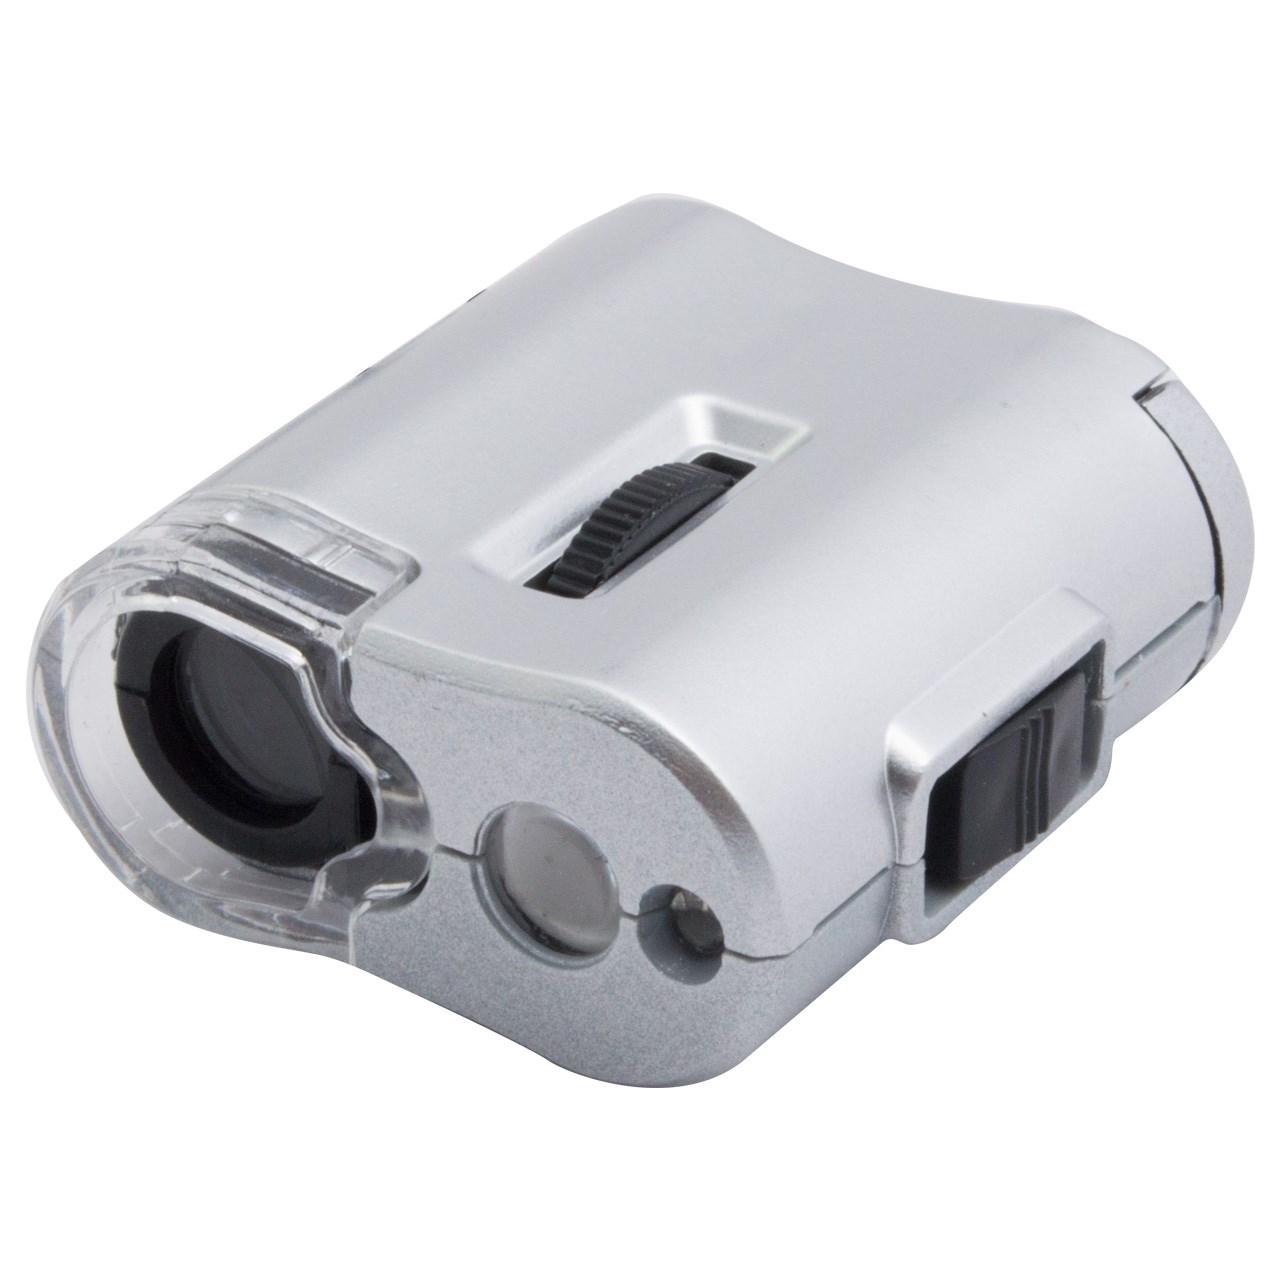 خرید                     میکروسکوپ جیبی مدل 9592